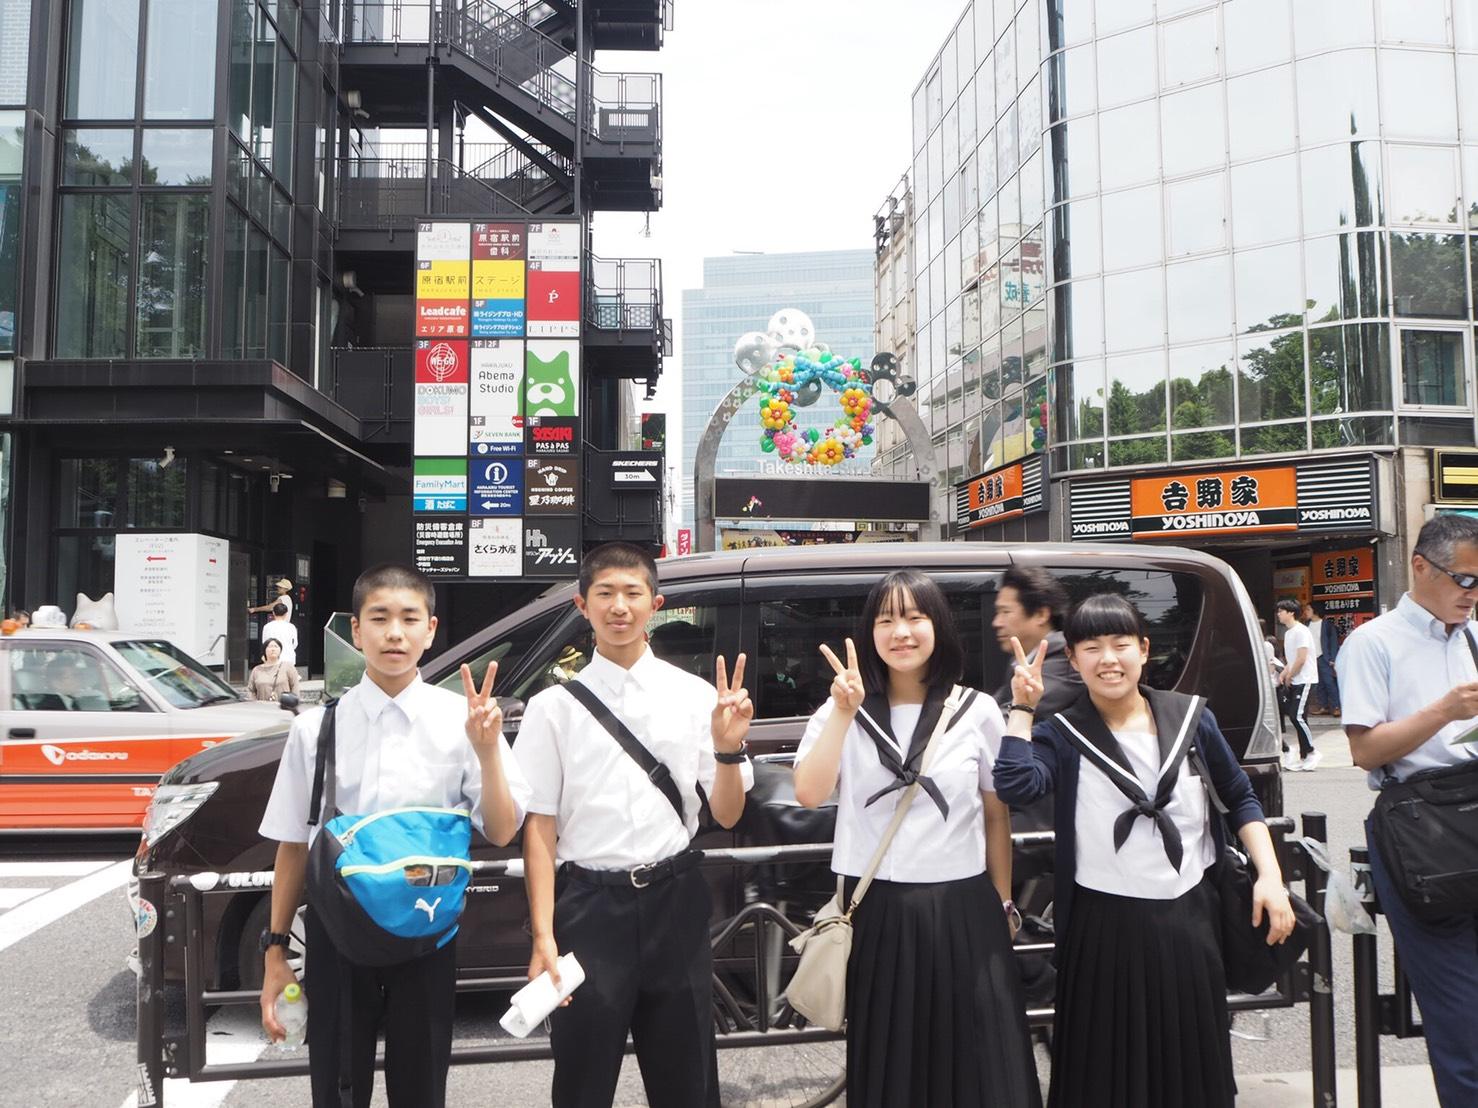 http://www.kitashitara.jp/toyone-jh/1526531011361.jpg